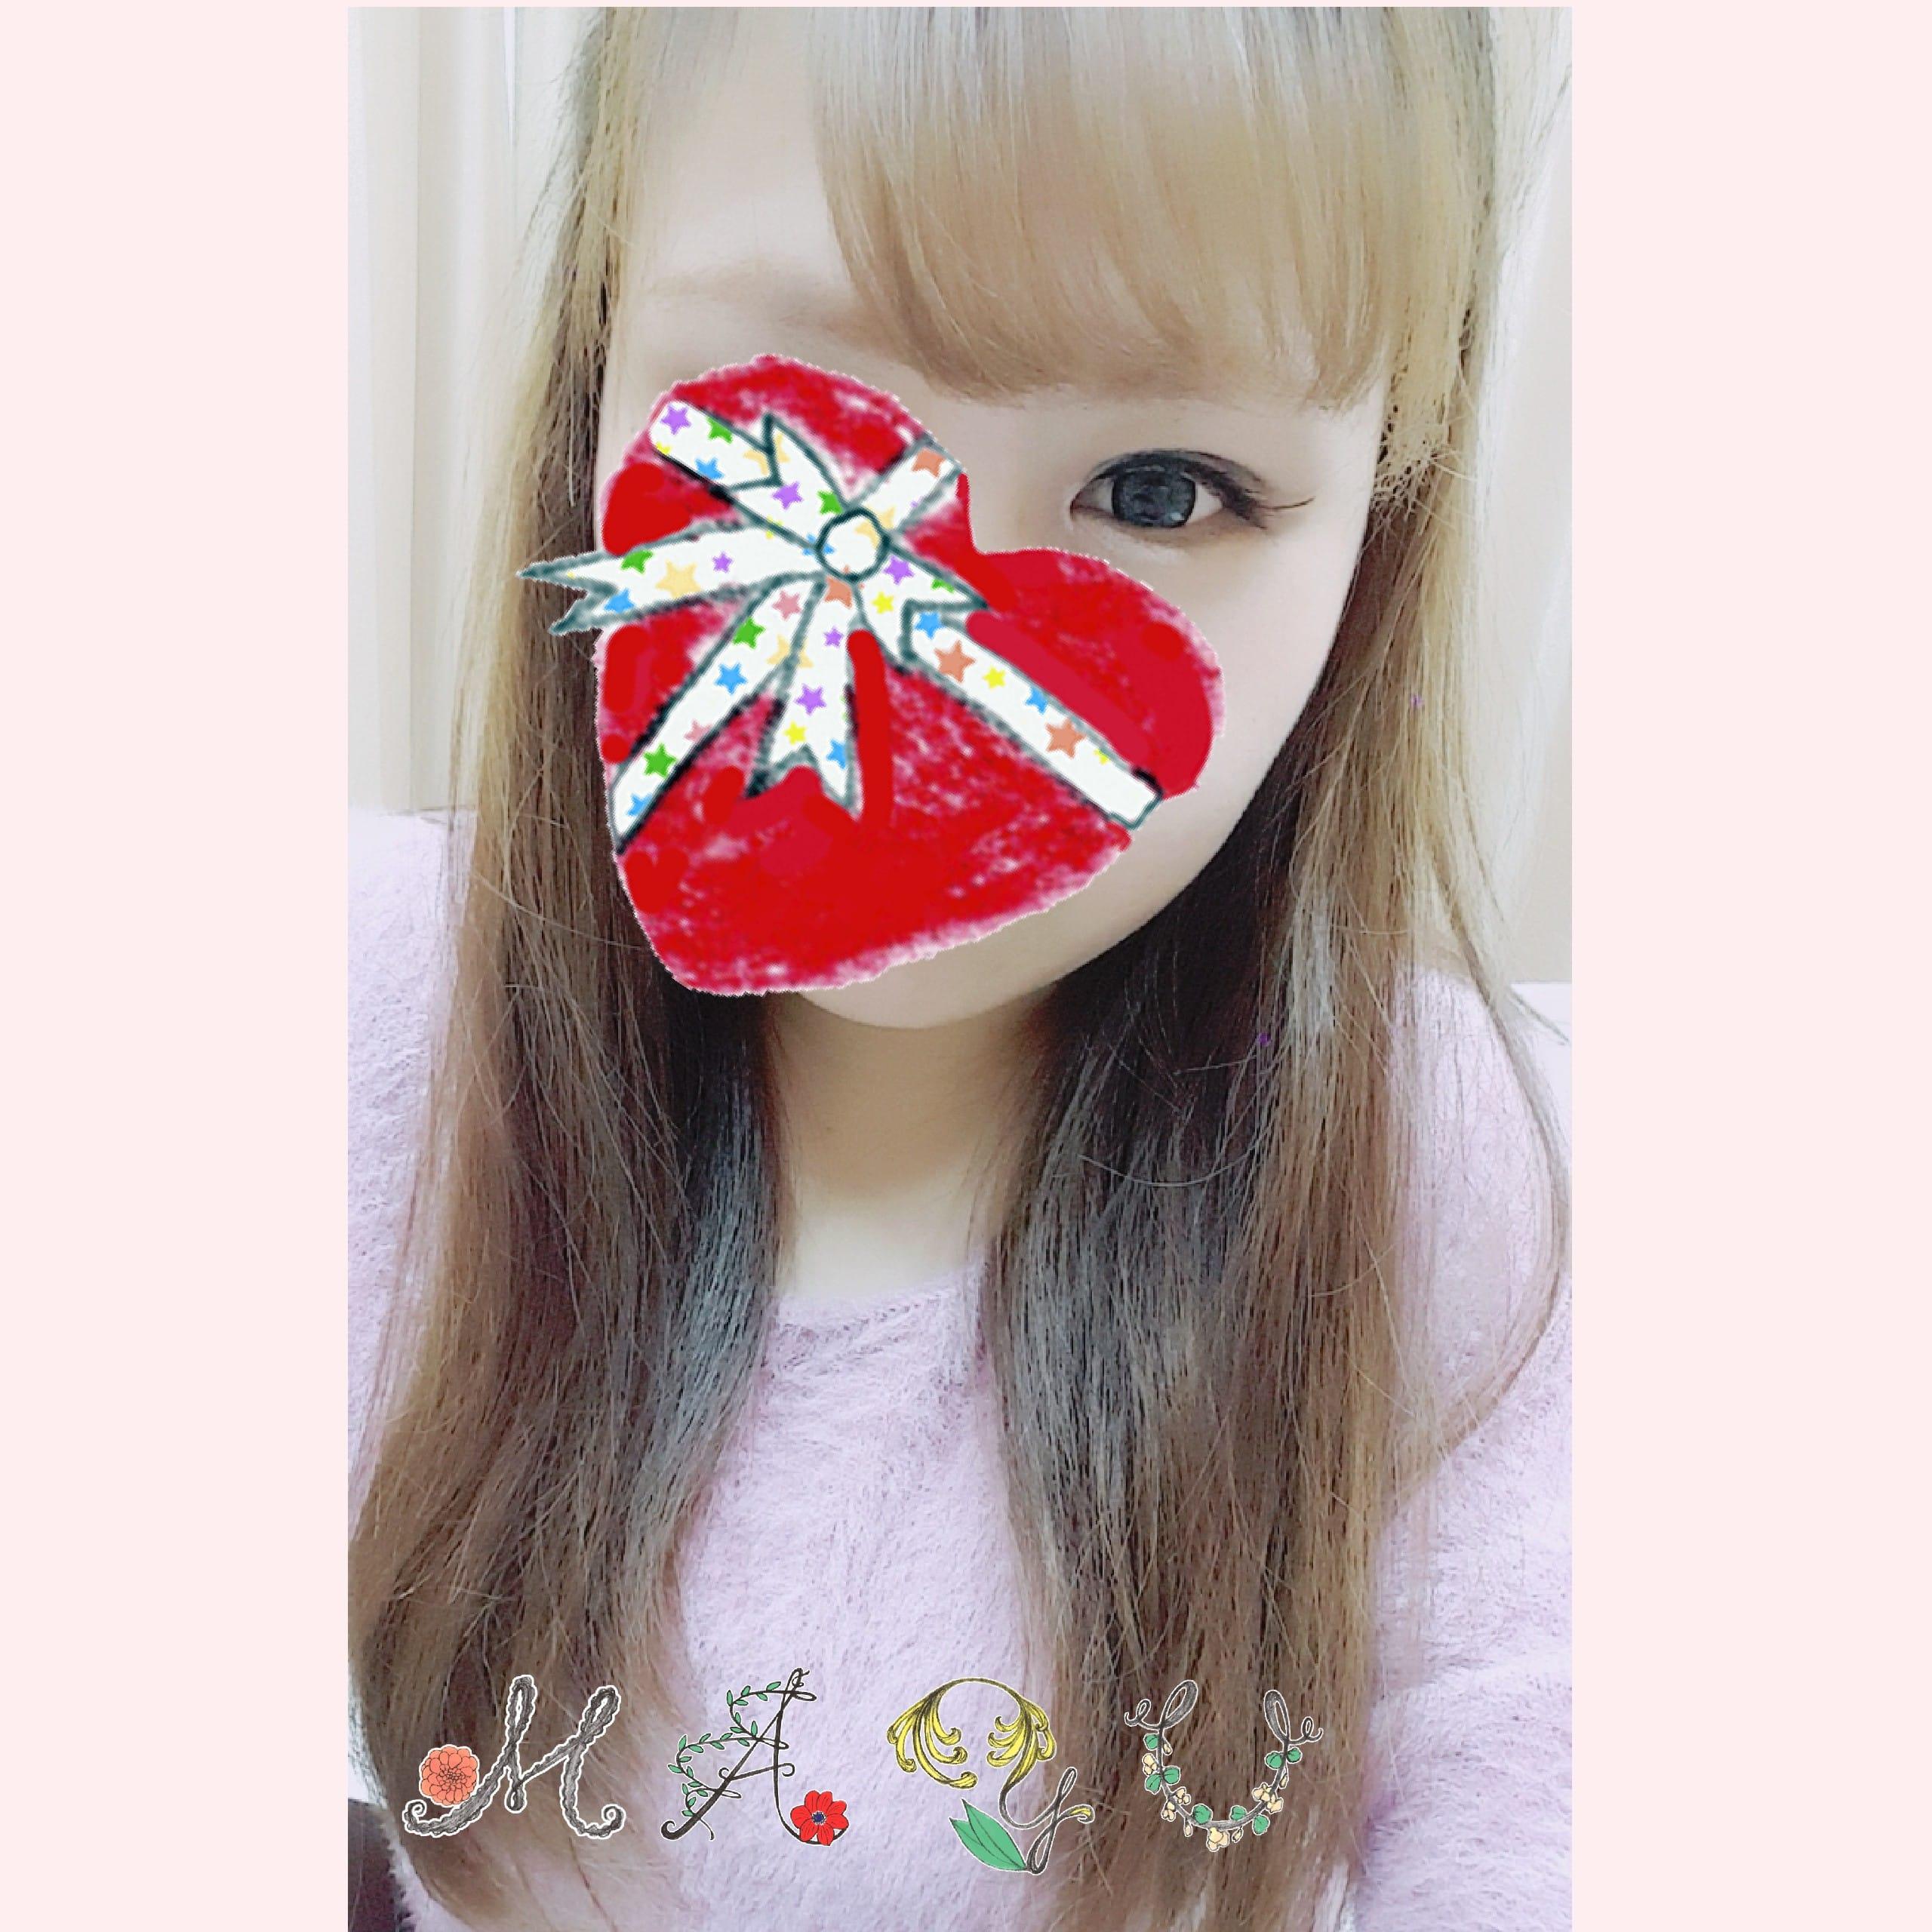 「しゅっきーん!!!」03/17(土) 18:14 | まゆの写メ・風俗動画